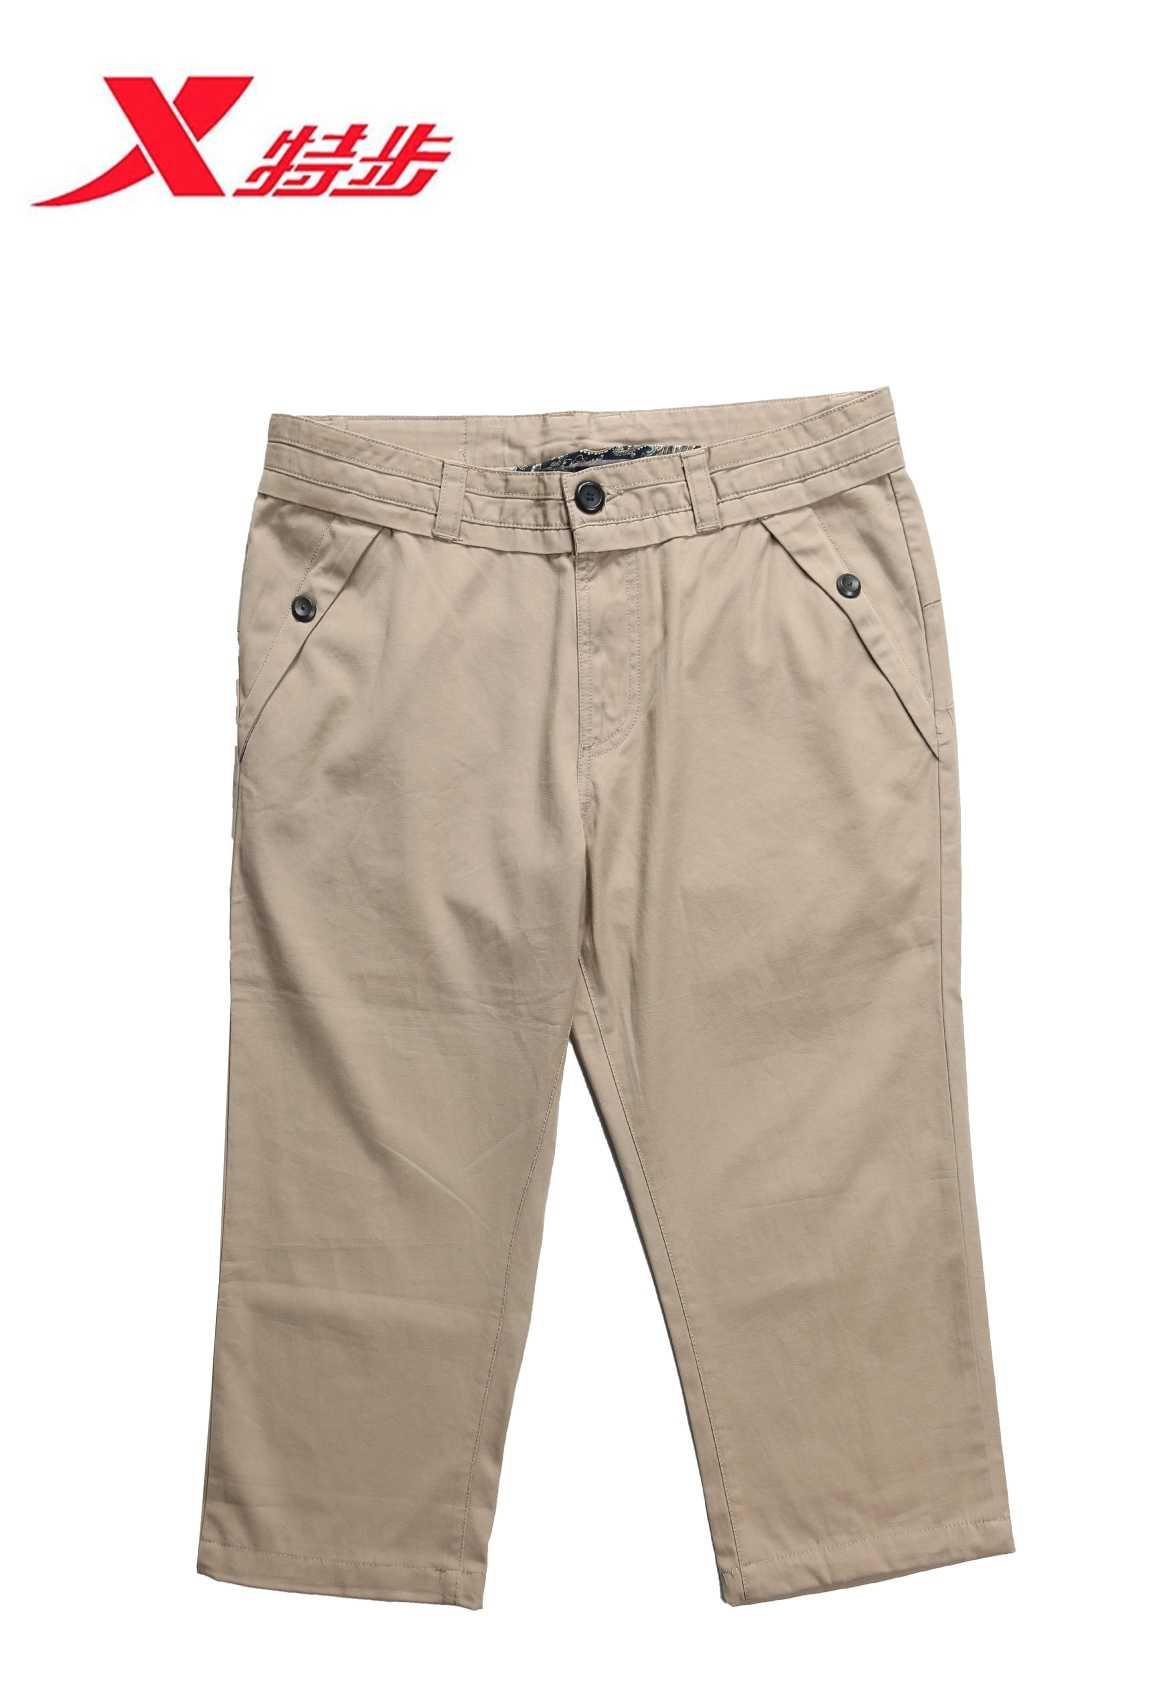 特步男式七分运动裤尾货批发|男装批发